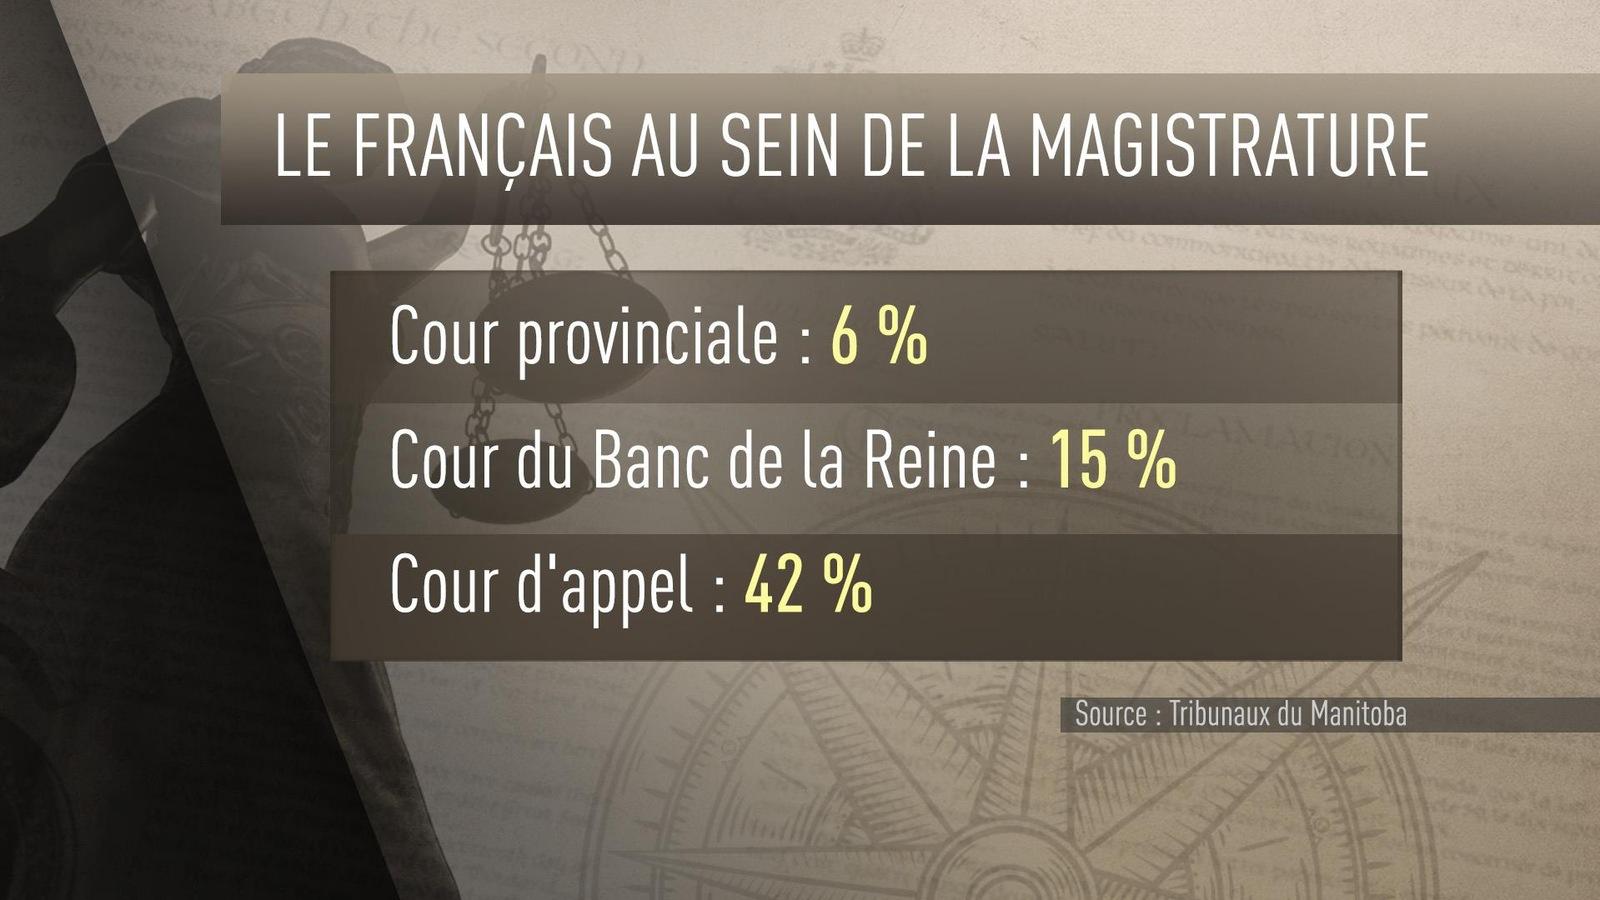 Peu de juges de la Cour provinciale peuvent entendre une cause en français au Manitoba mais 5 des 12 juges de la Cour d'appel en sont capables.